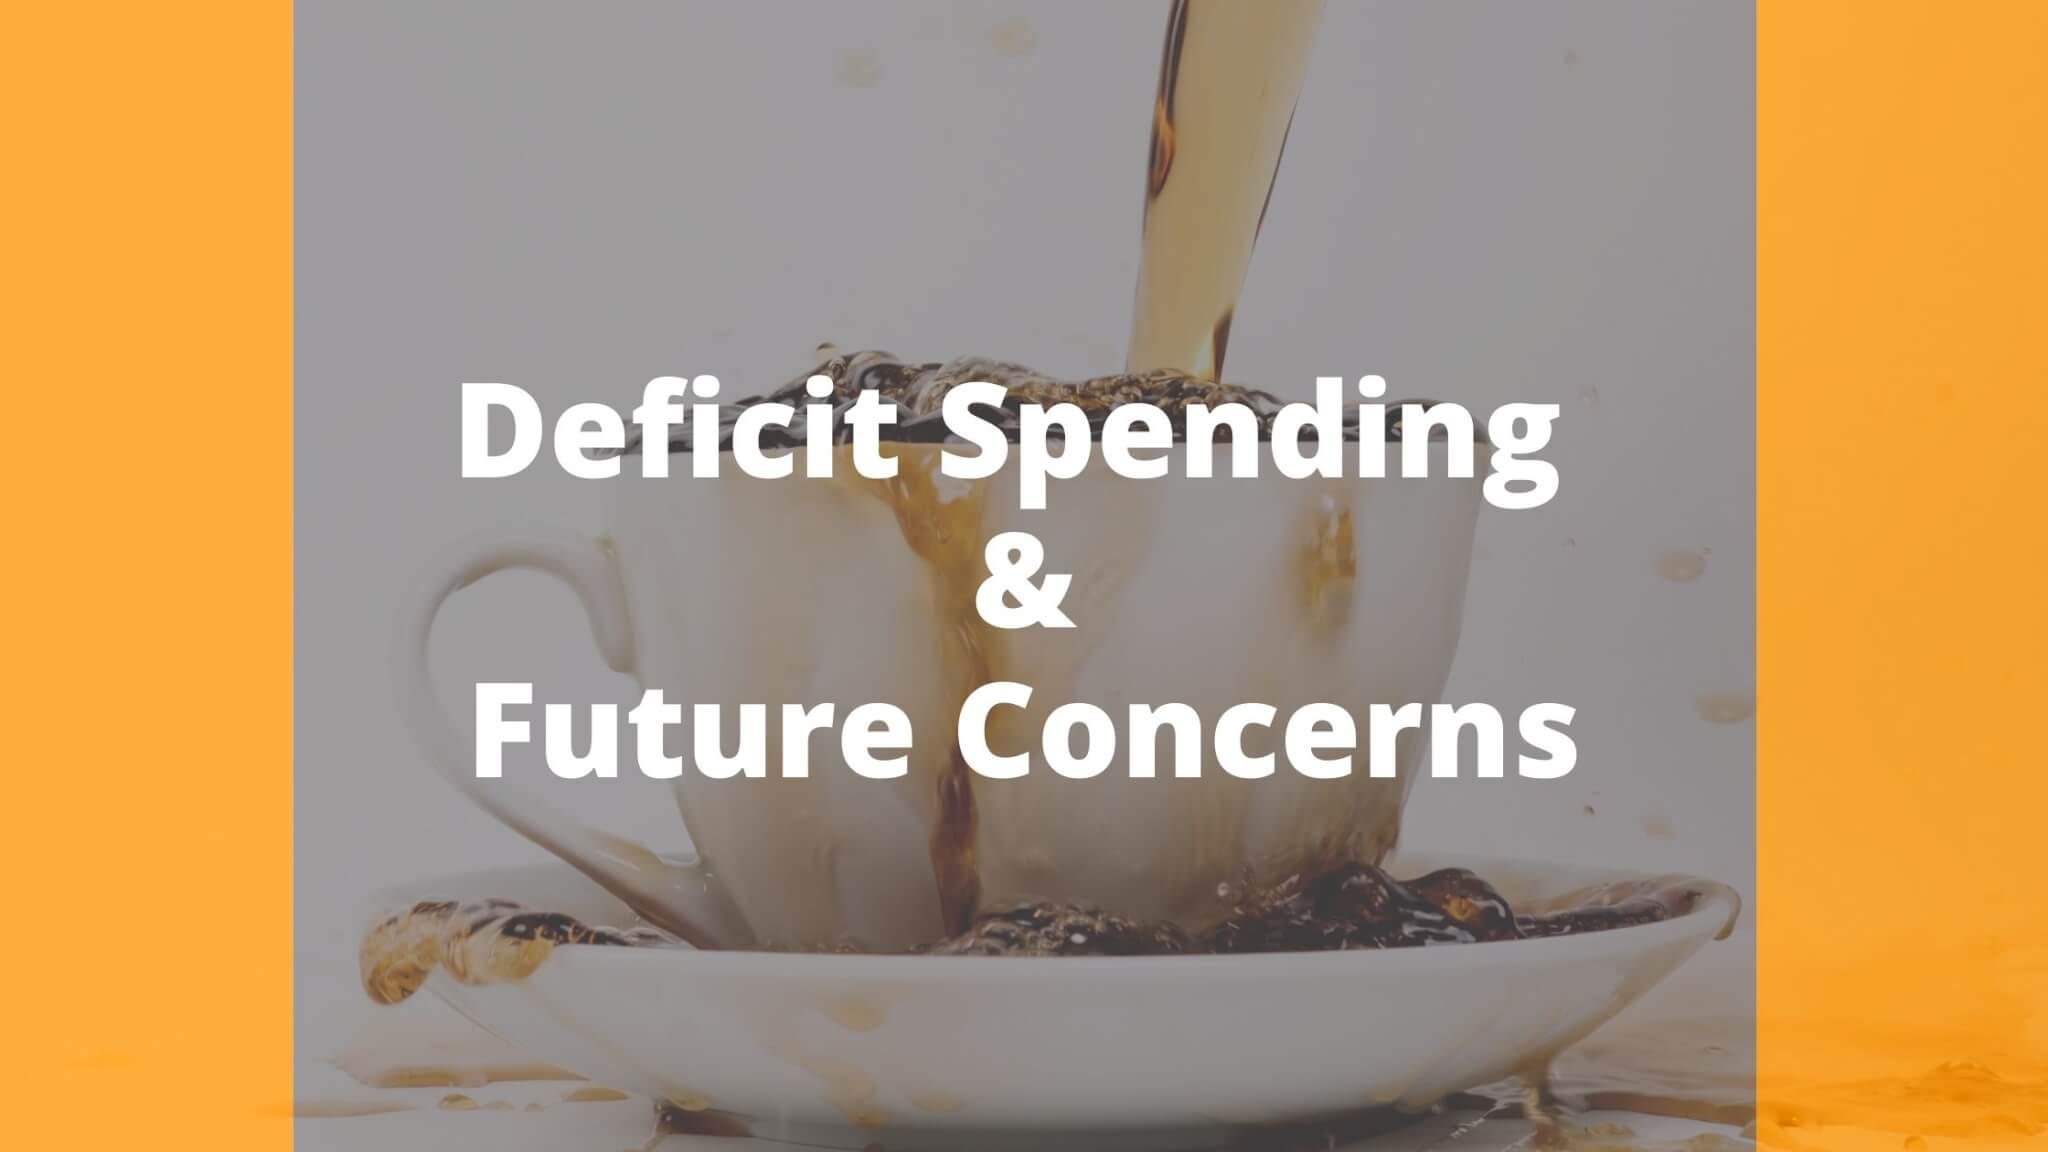 Deficit Spending And Future Concerns